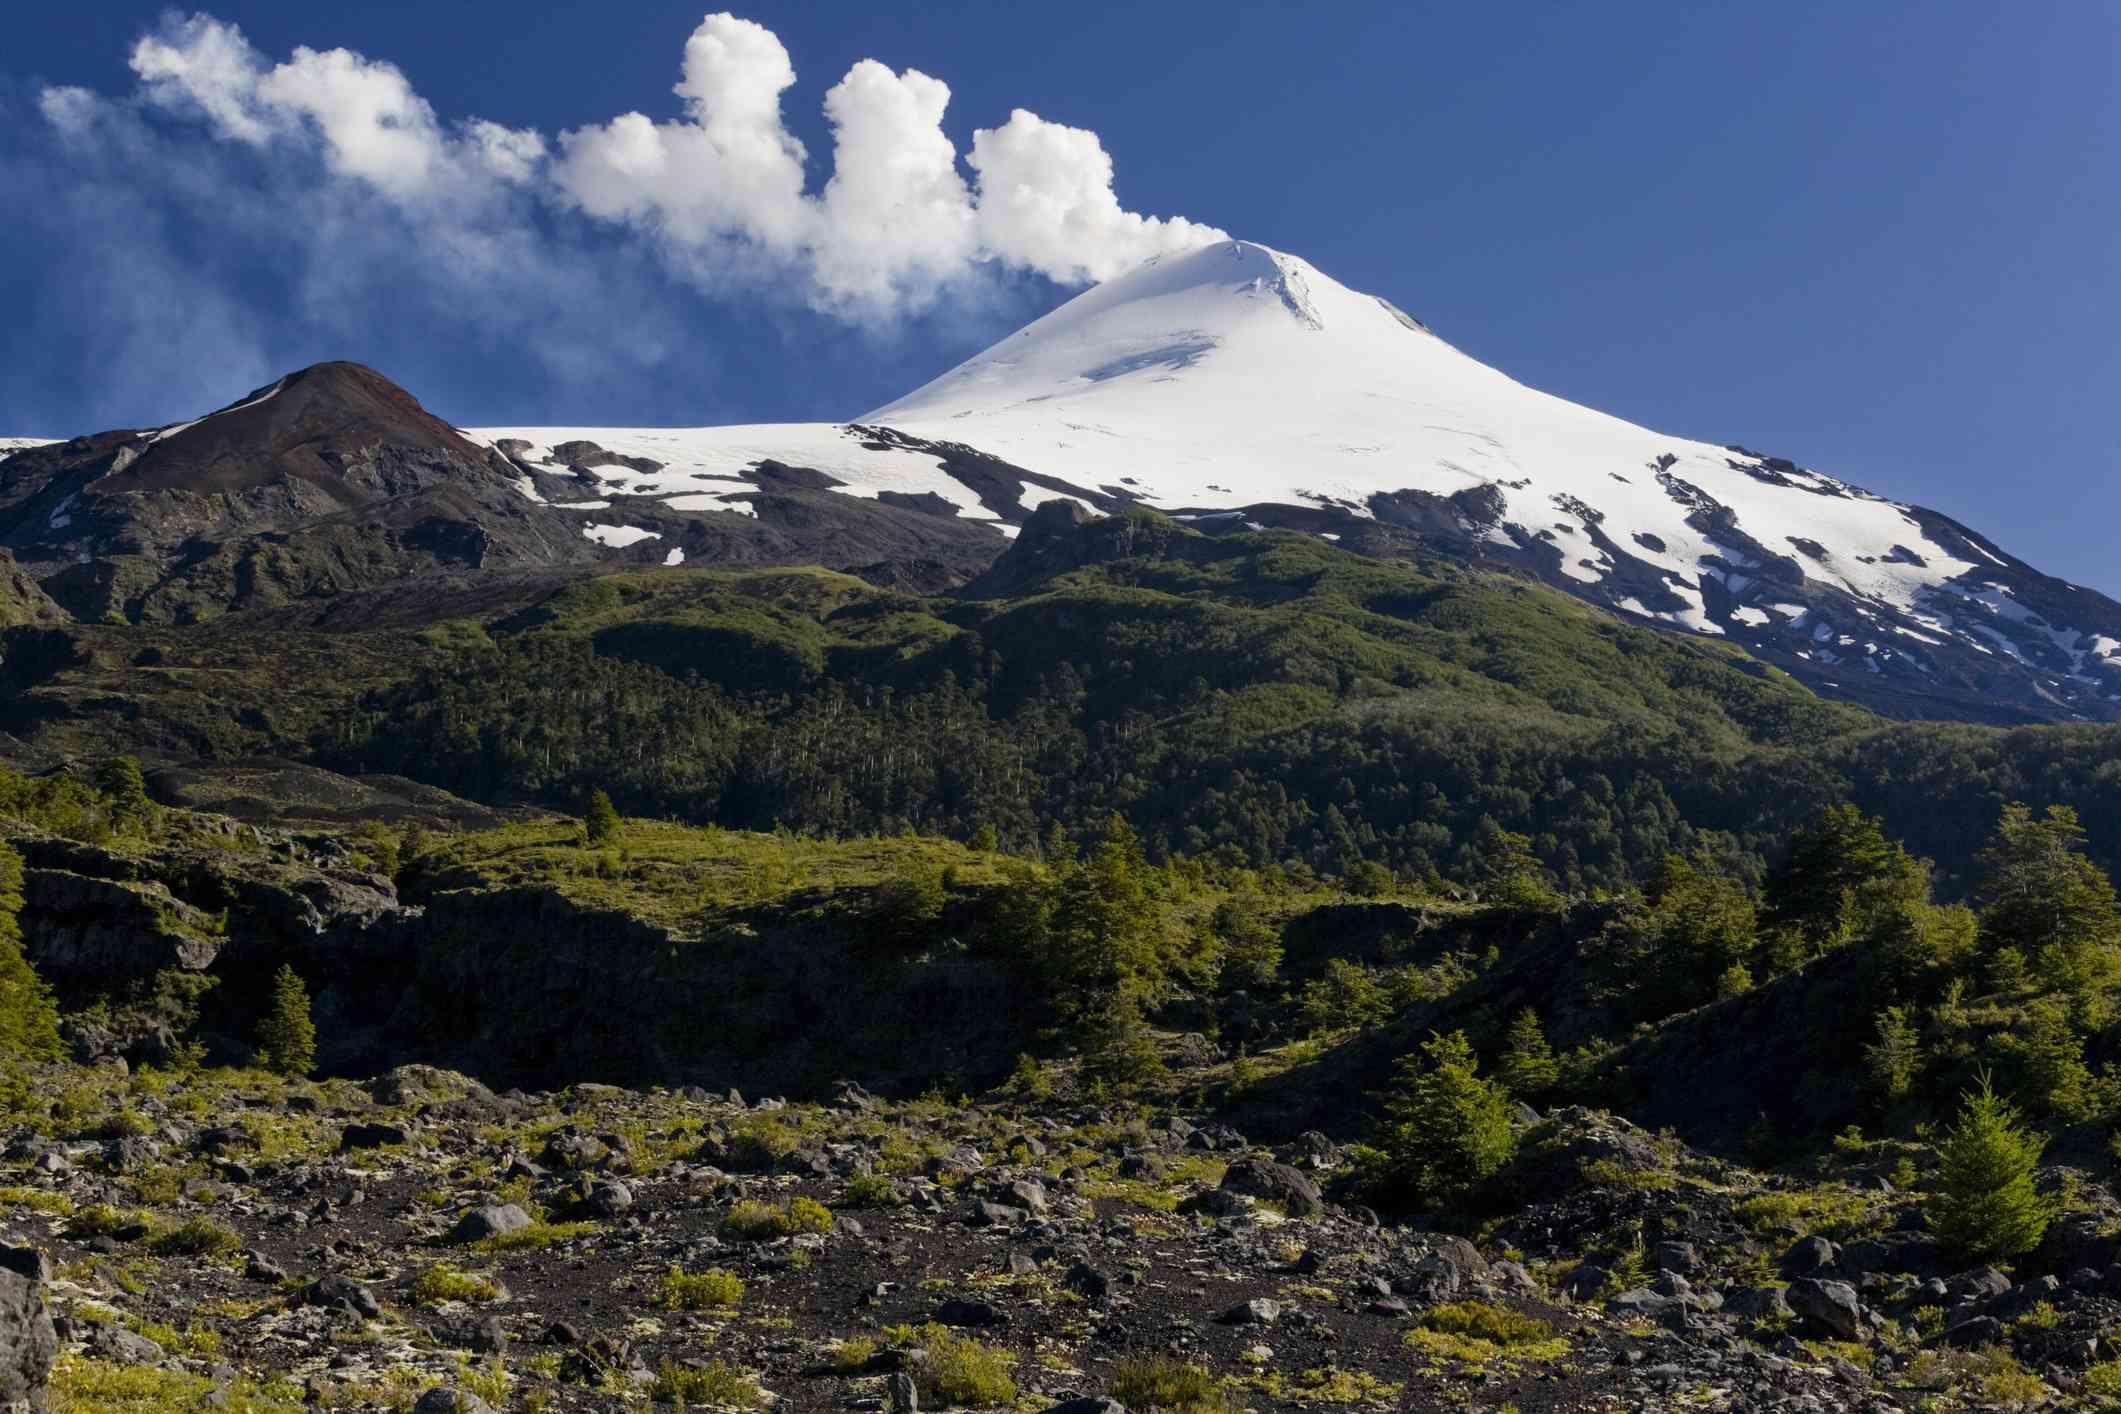 Smoke and vapor rises from active Villarrica Volcano, Sendero de las Cascadas, Andes, Villarrica National Park, Chile